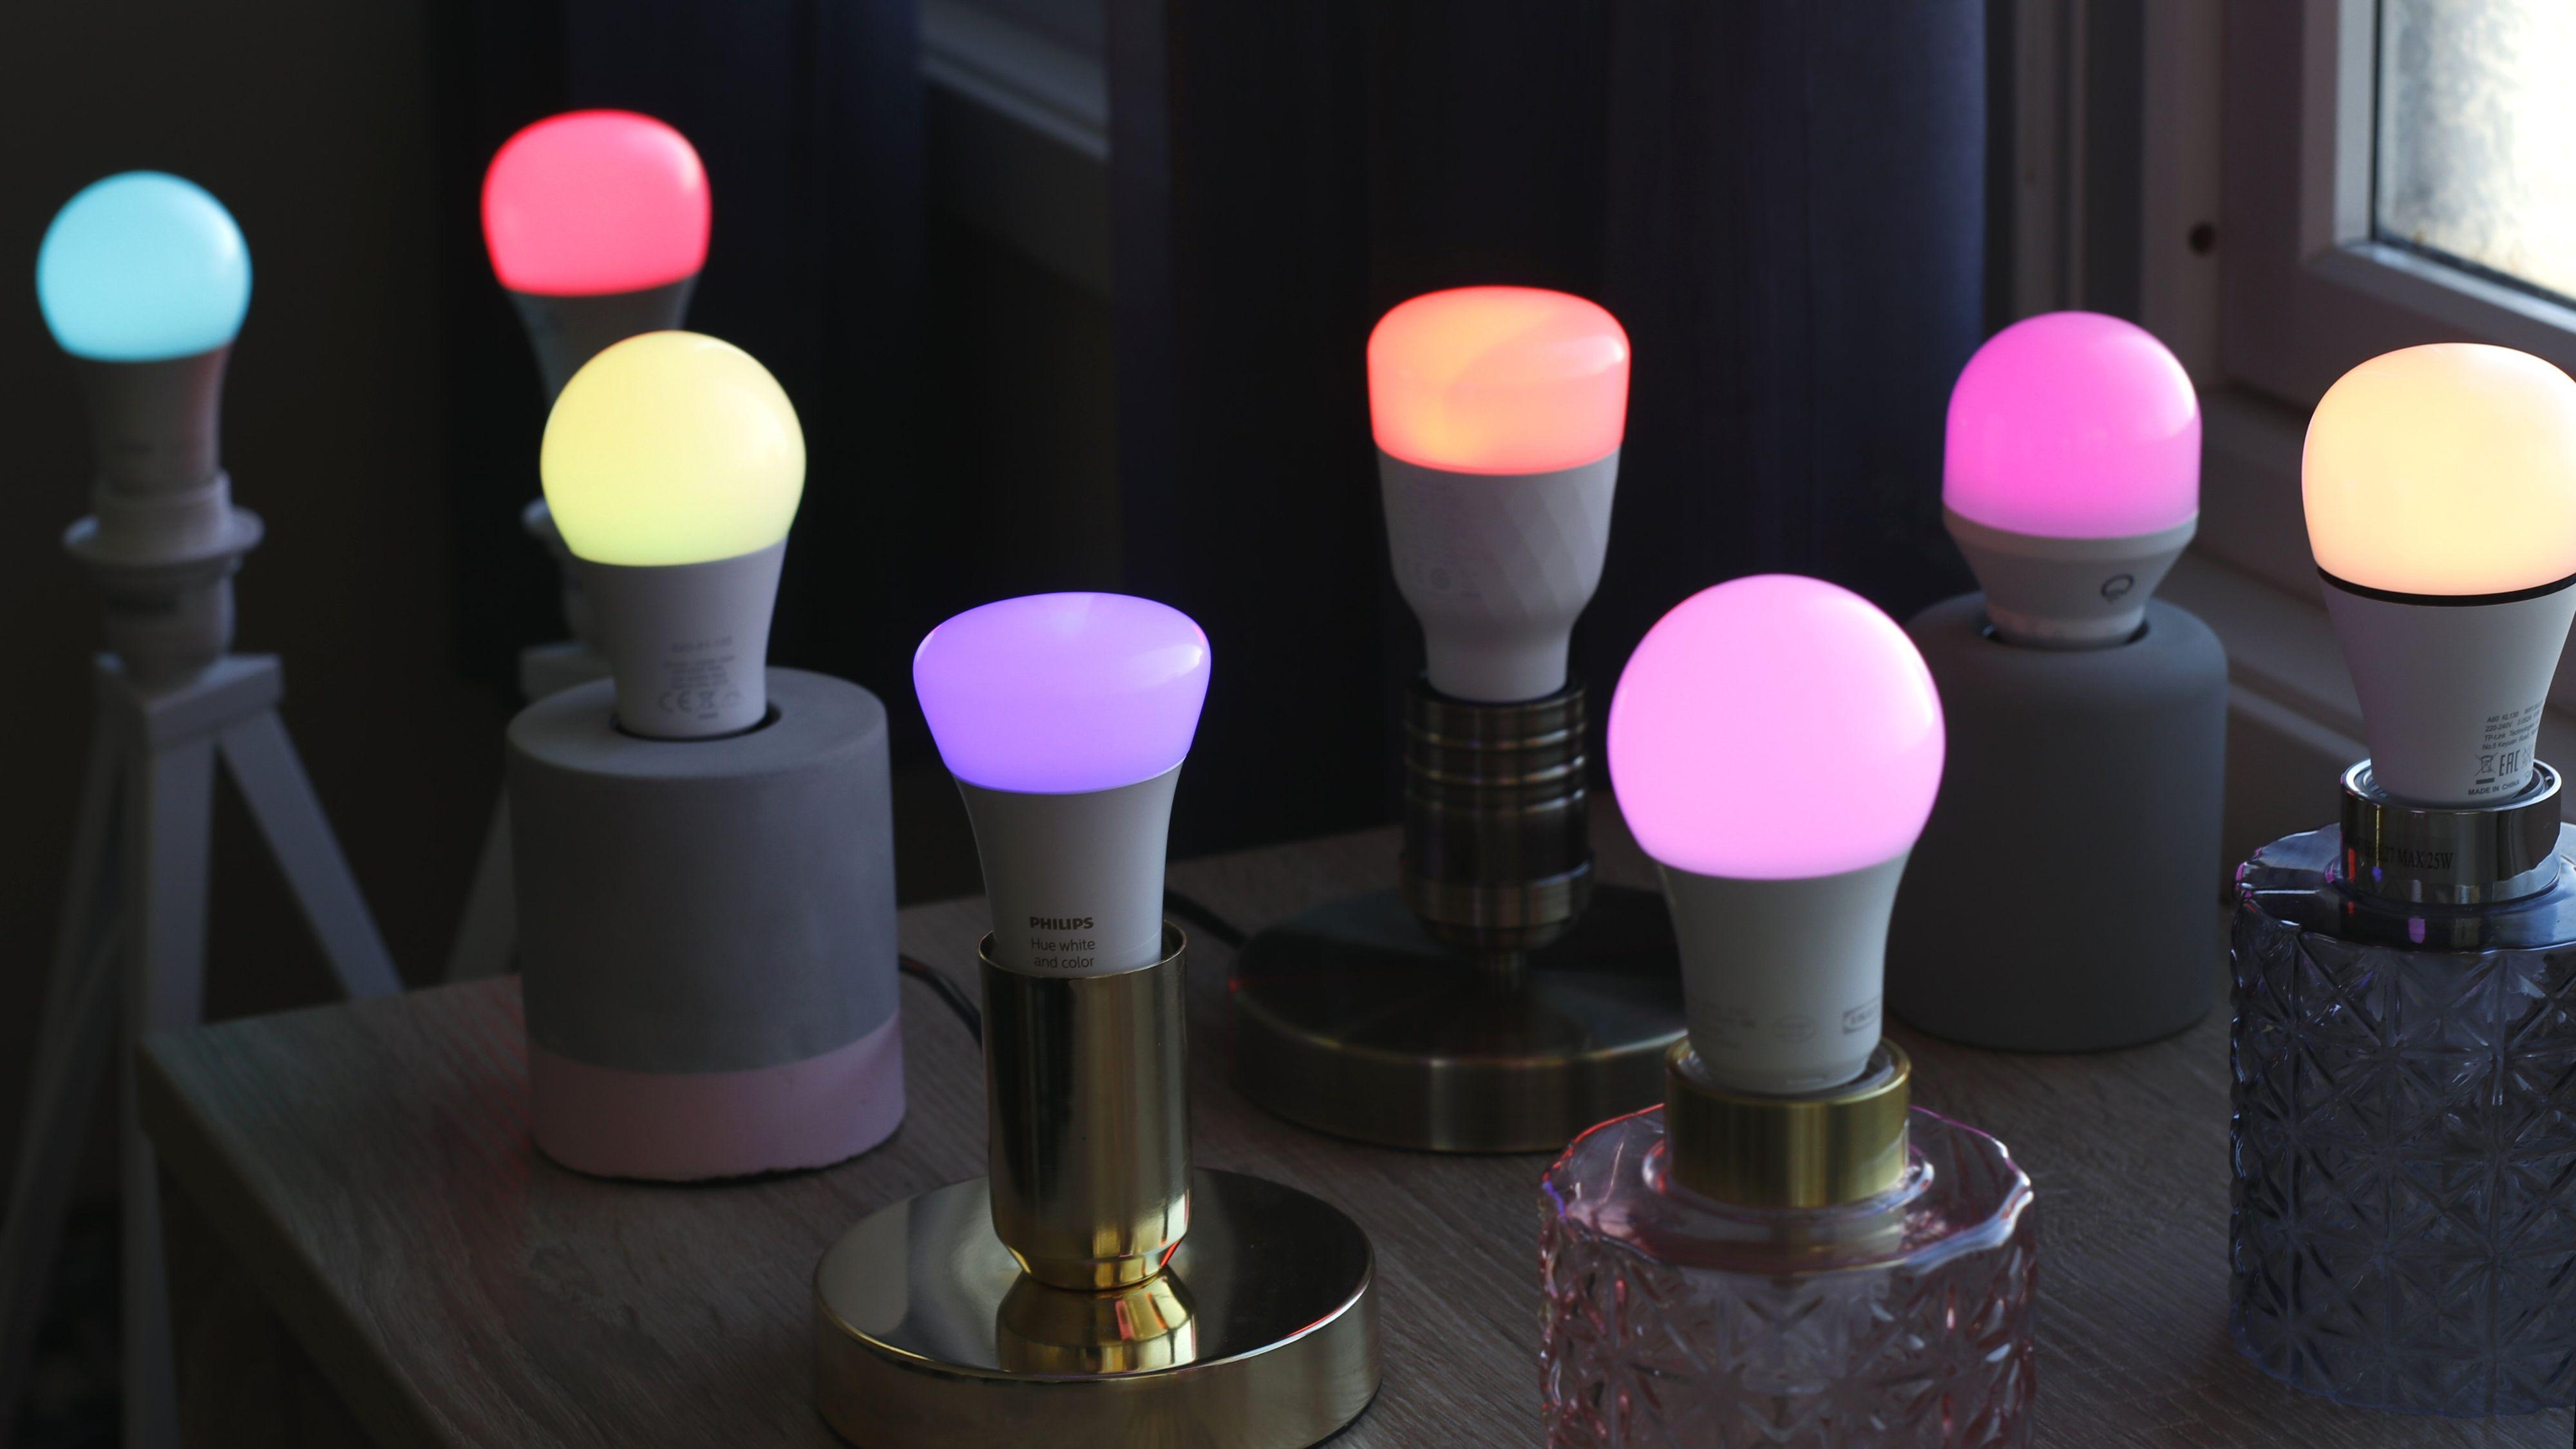 Fargede smartlys kan være gjevt, men ikke nødvendigvis så nyttig kostnadene tatt i betraktning.